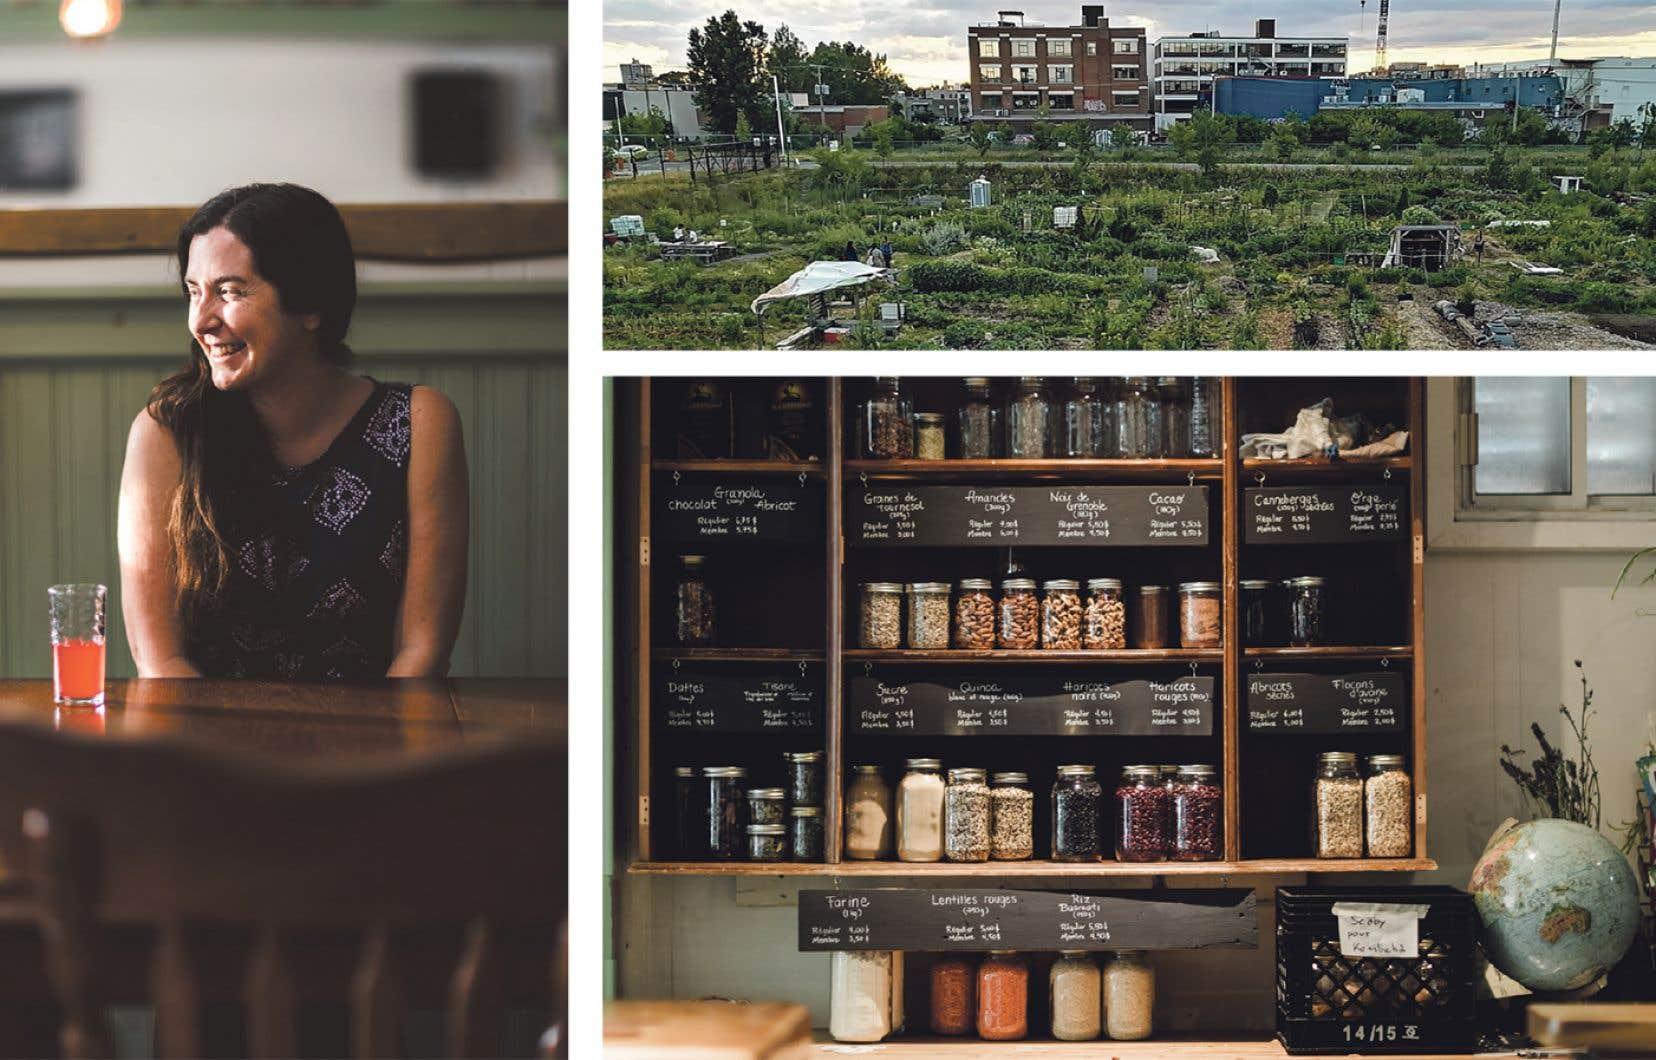 Le restaurant La Place commune, cofondée par Geneviève Boulay, regroupe plusieurs projets, tels un jardin, une épicerie biologique et une cuisine de transformation de fruits et légumes locaux.